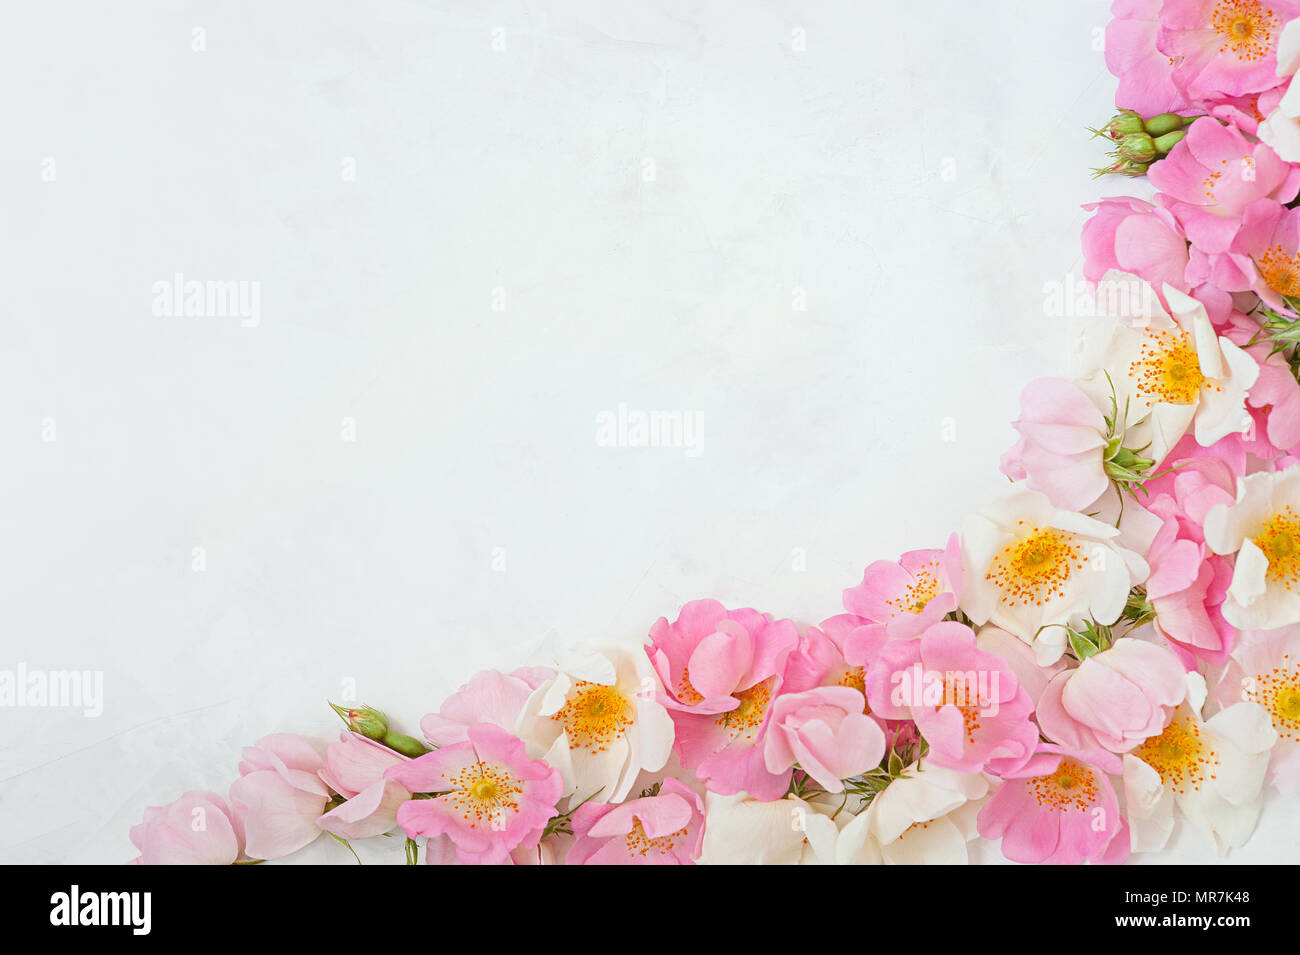 Fiore di telaio di frontiera fatta di rosa bouquet di rose su sfondo bianco. L'appartamento di laici che, vista dall'alto. Texture floreali dello sfondo. Foto Stock